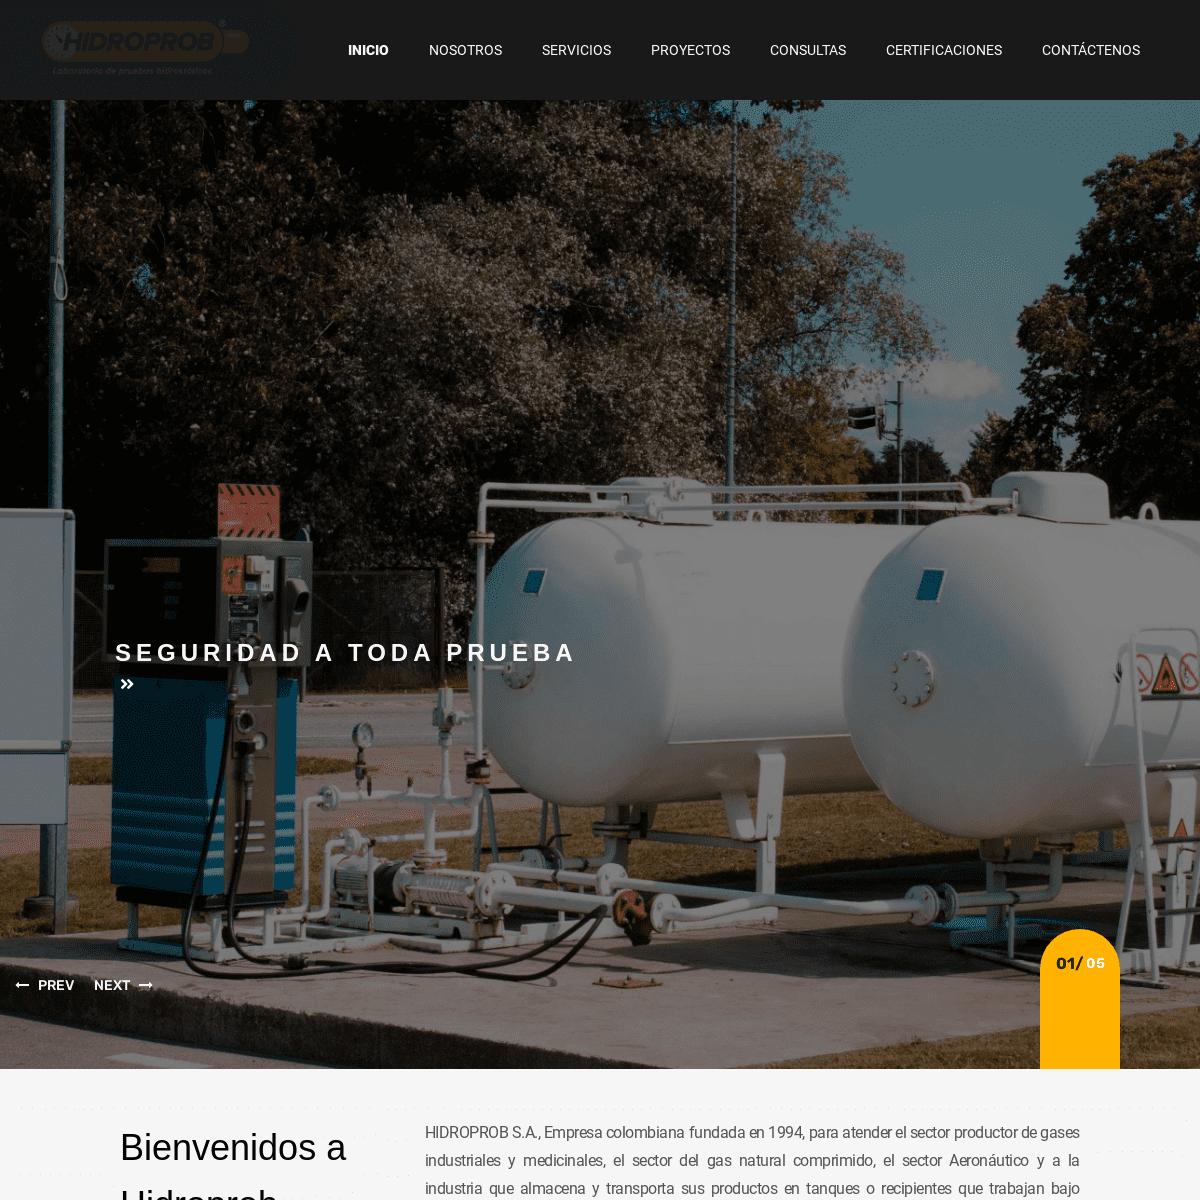 HIDROPROB – Atendemos el sector productor de gases industriales y medicinales, el sector del gas natural comprimido, el sector